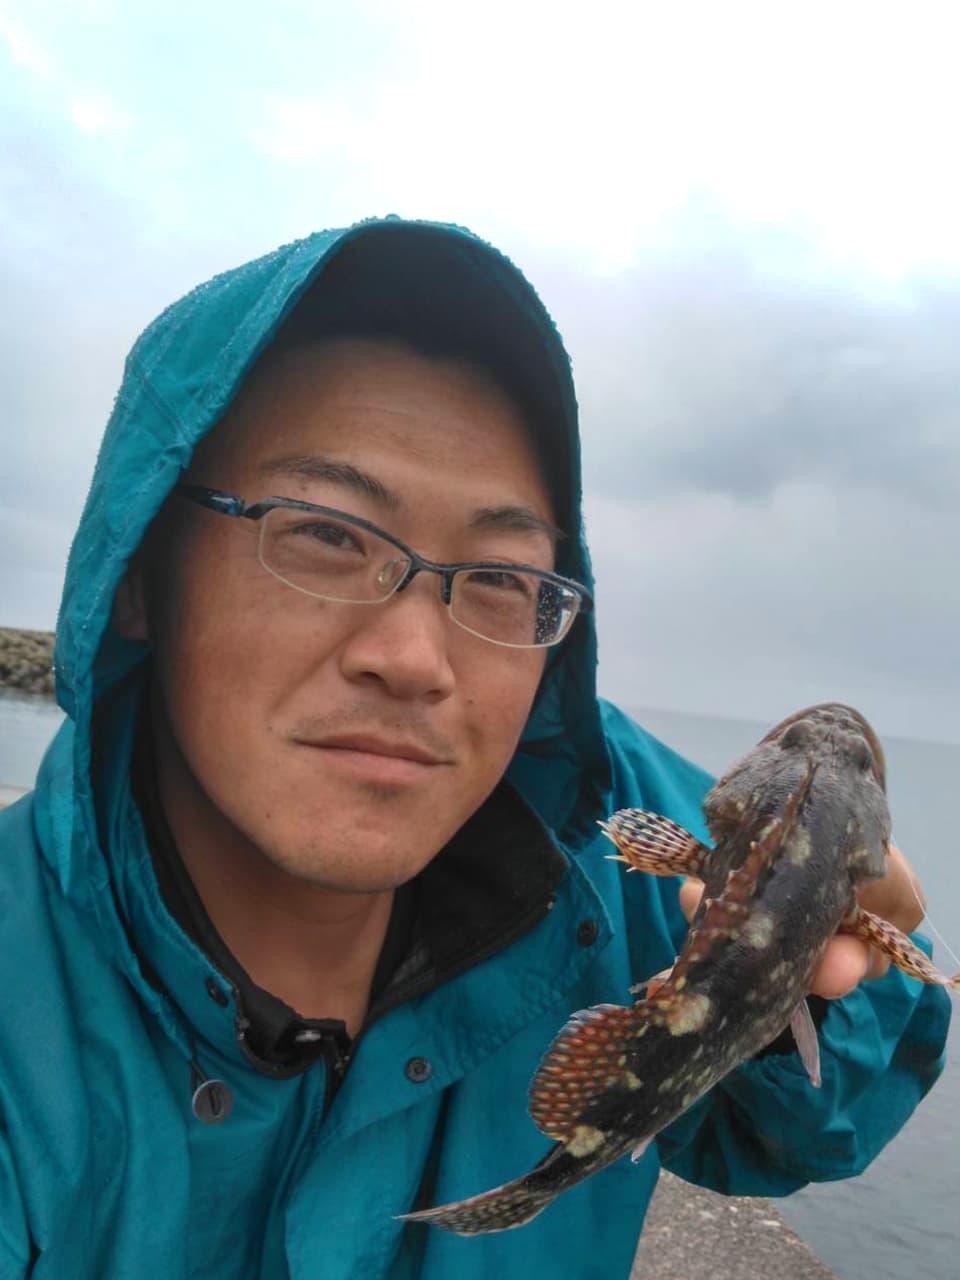 釣った魚を持つ高橋の写真